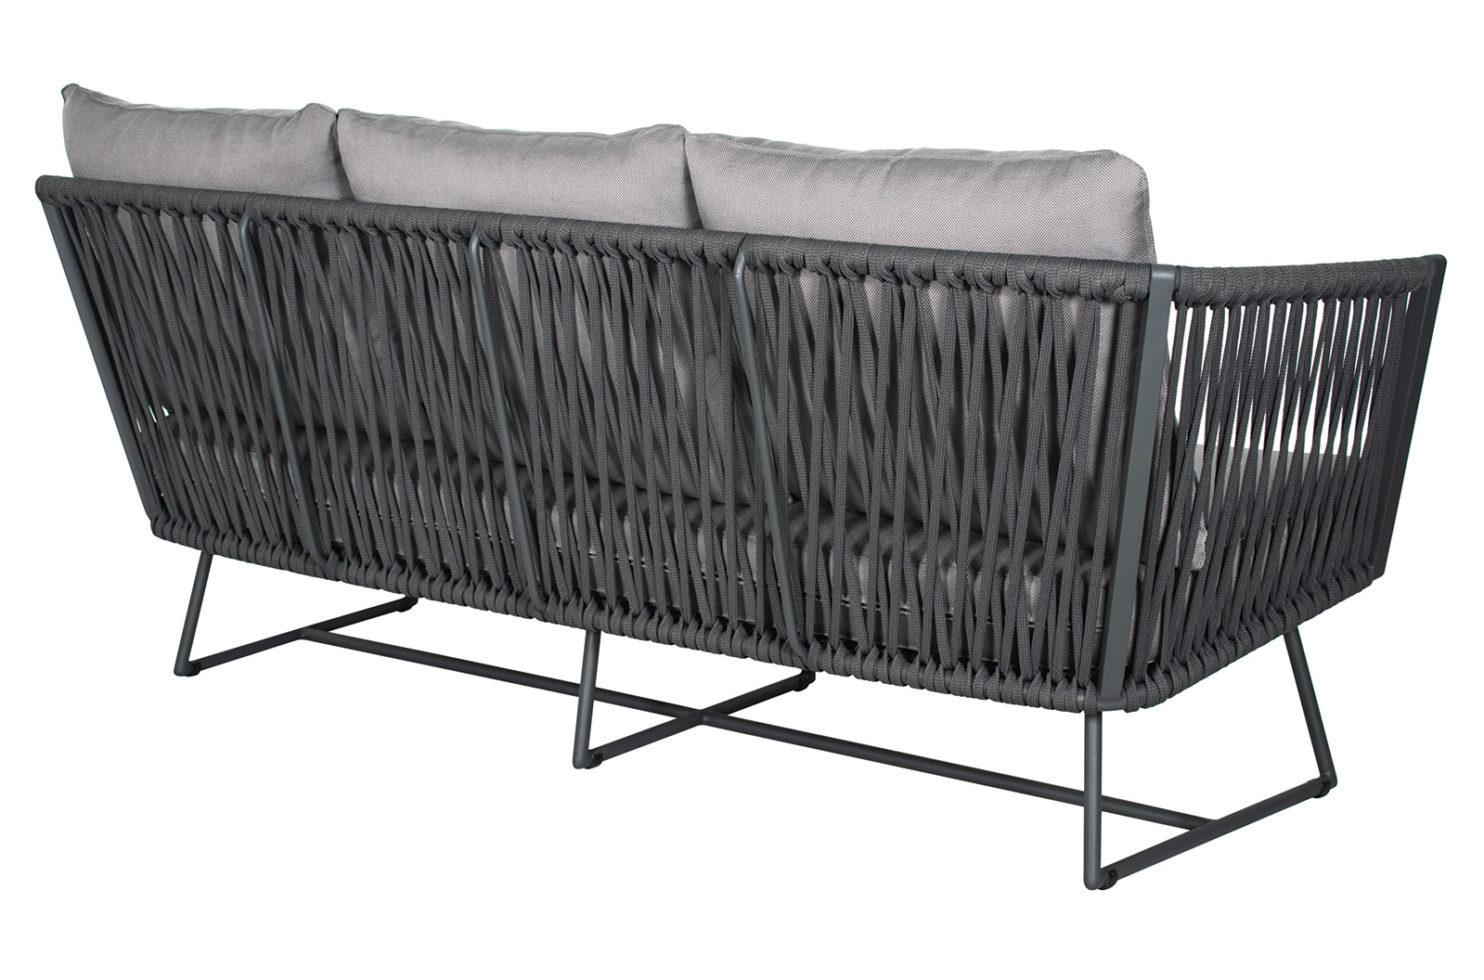 Archipelago orion sofa 620FT081P2DGP 1 3Q back